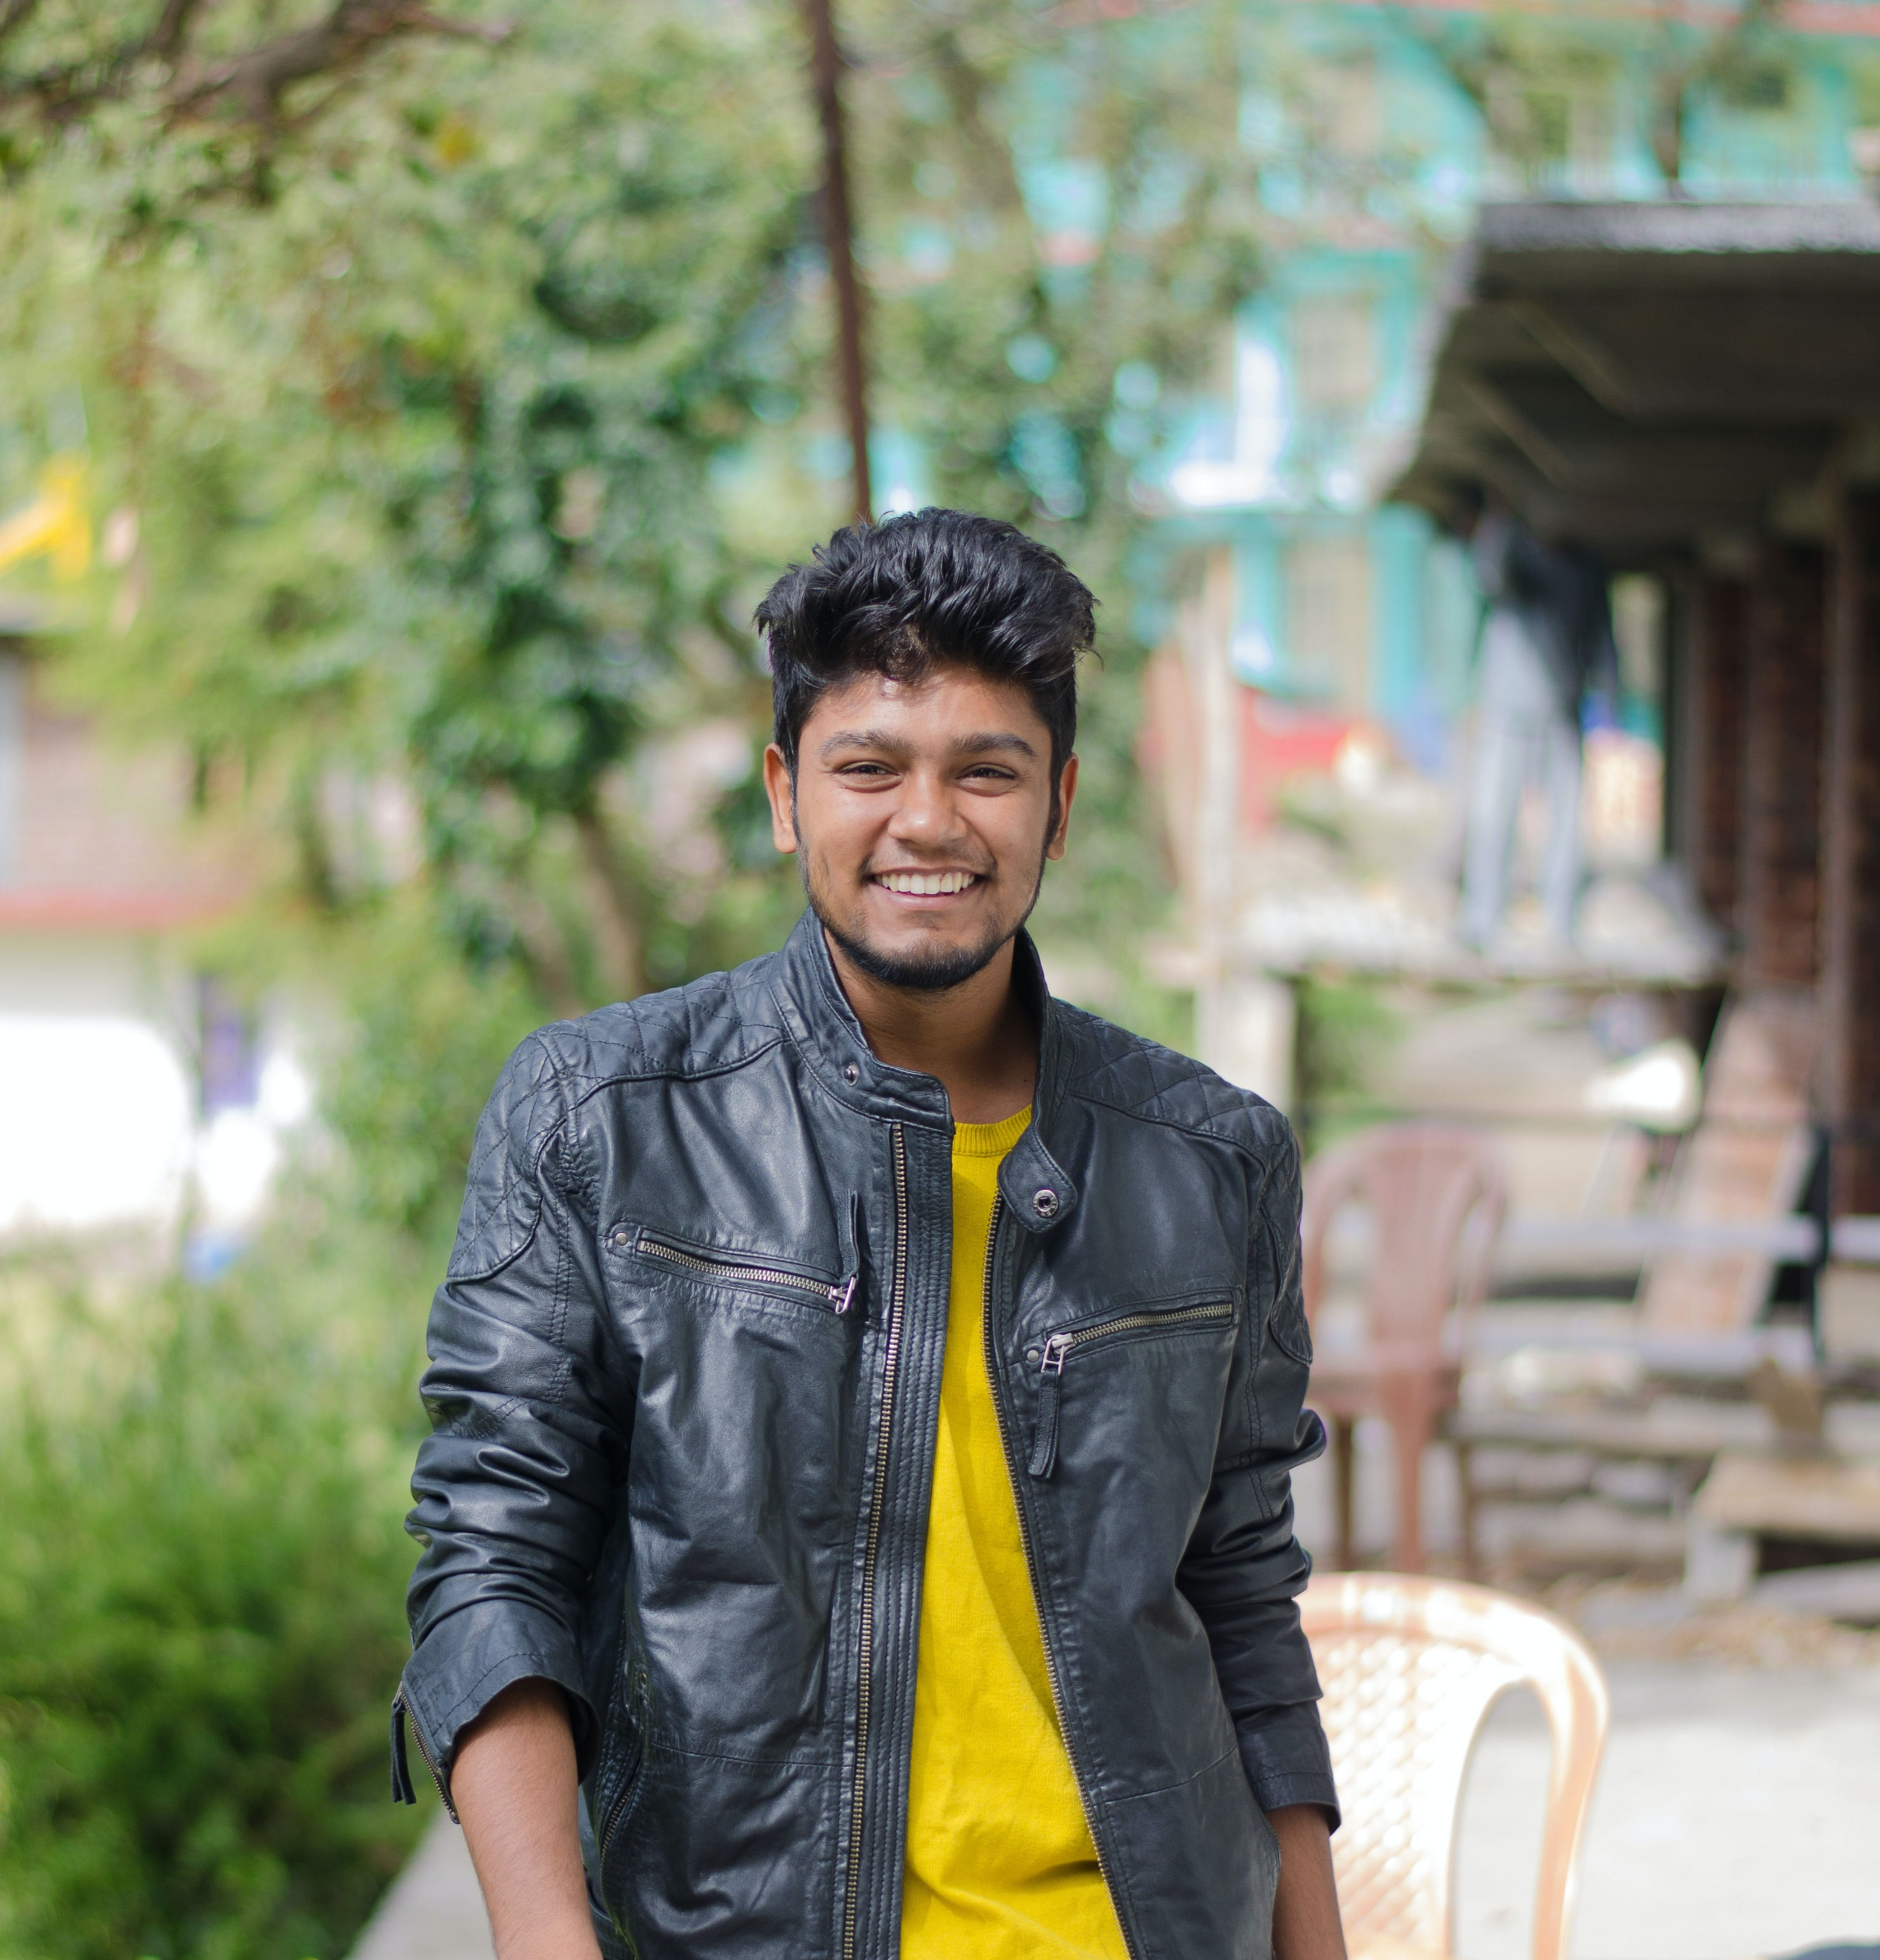 Go to Aditya Saxena's profile